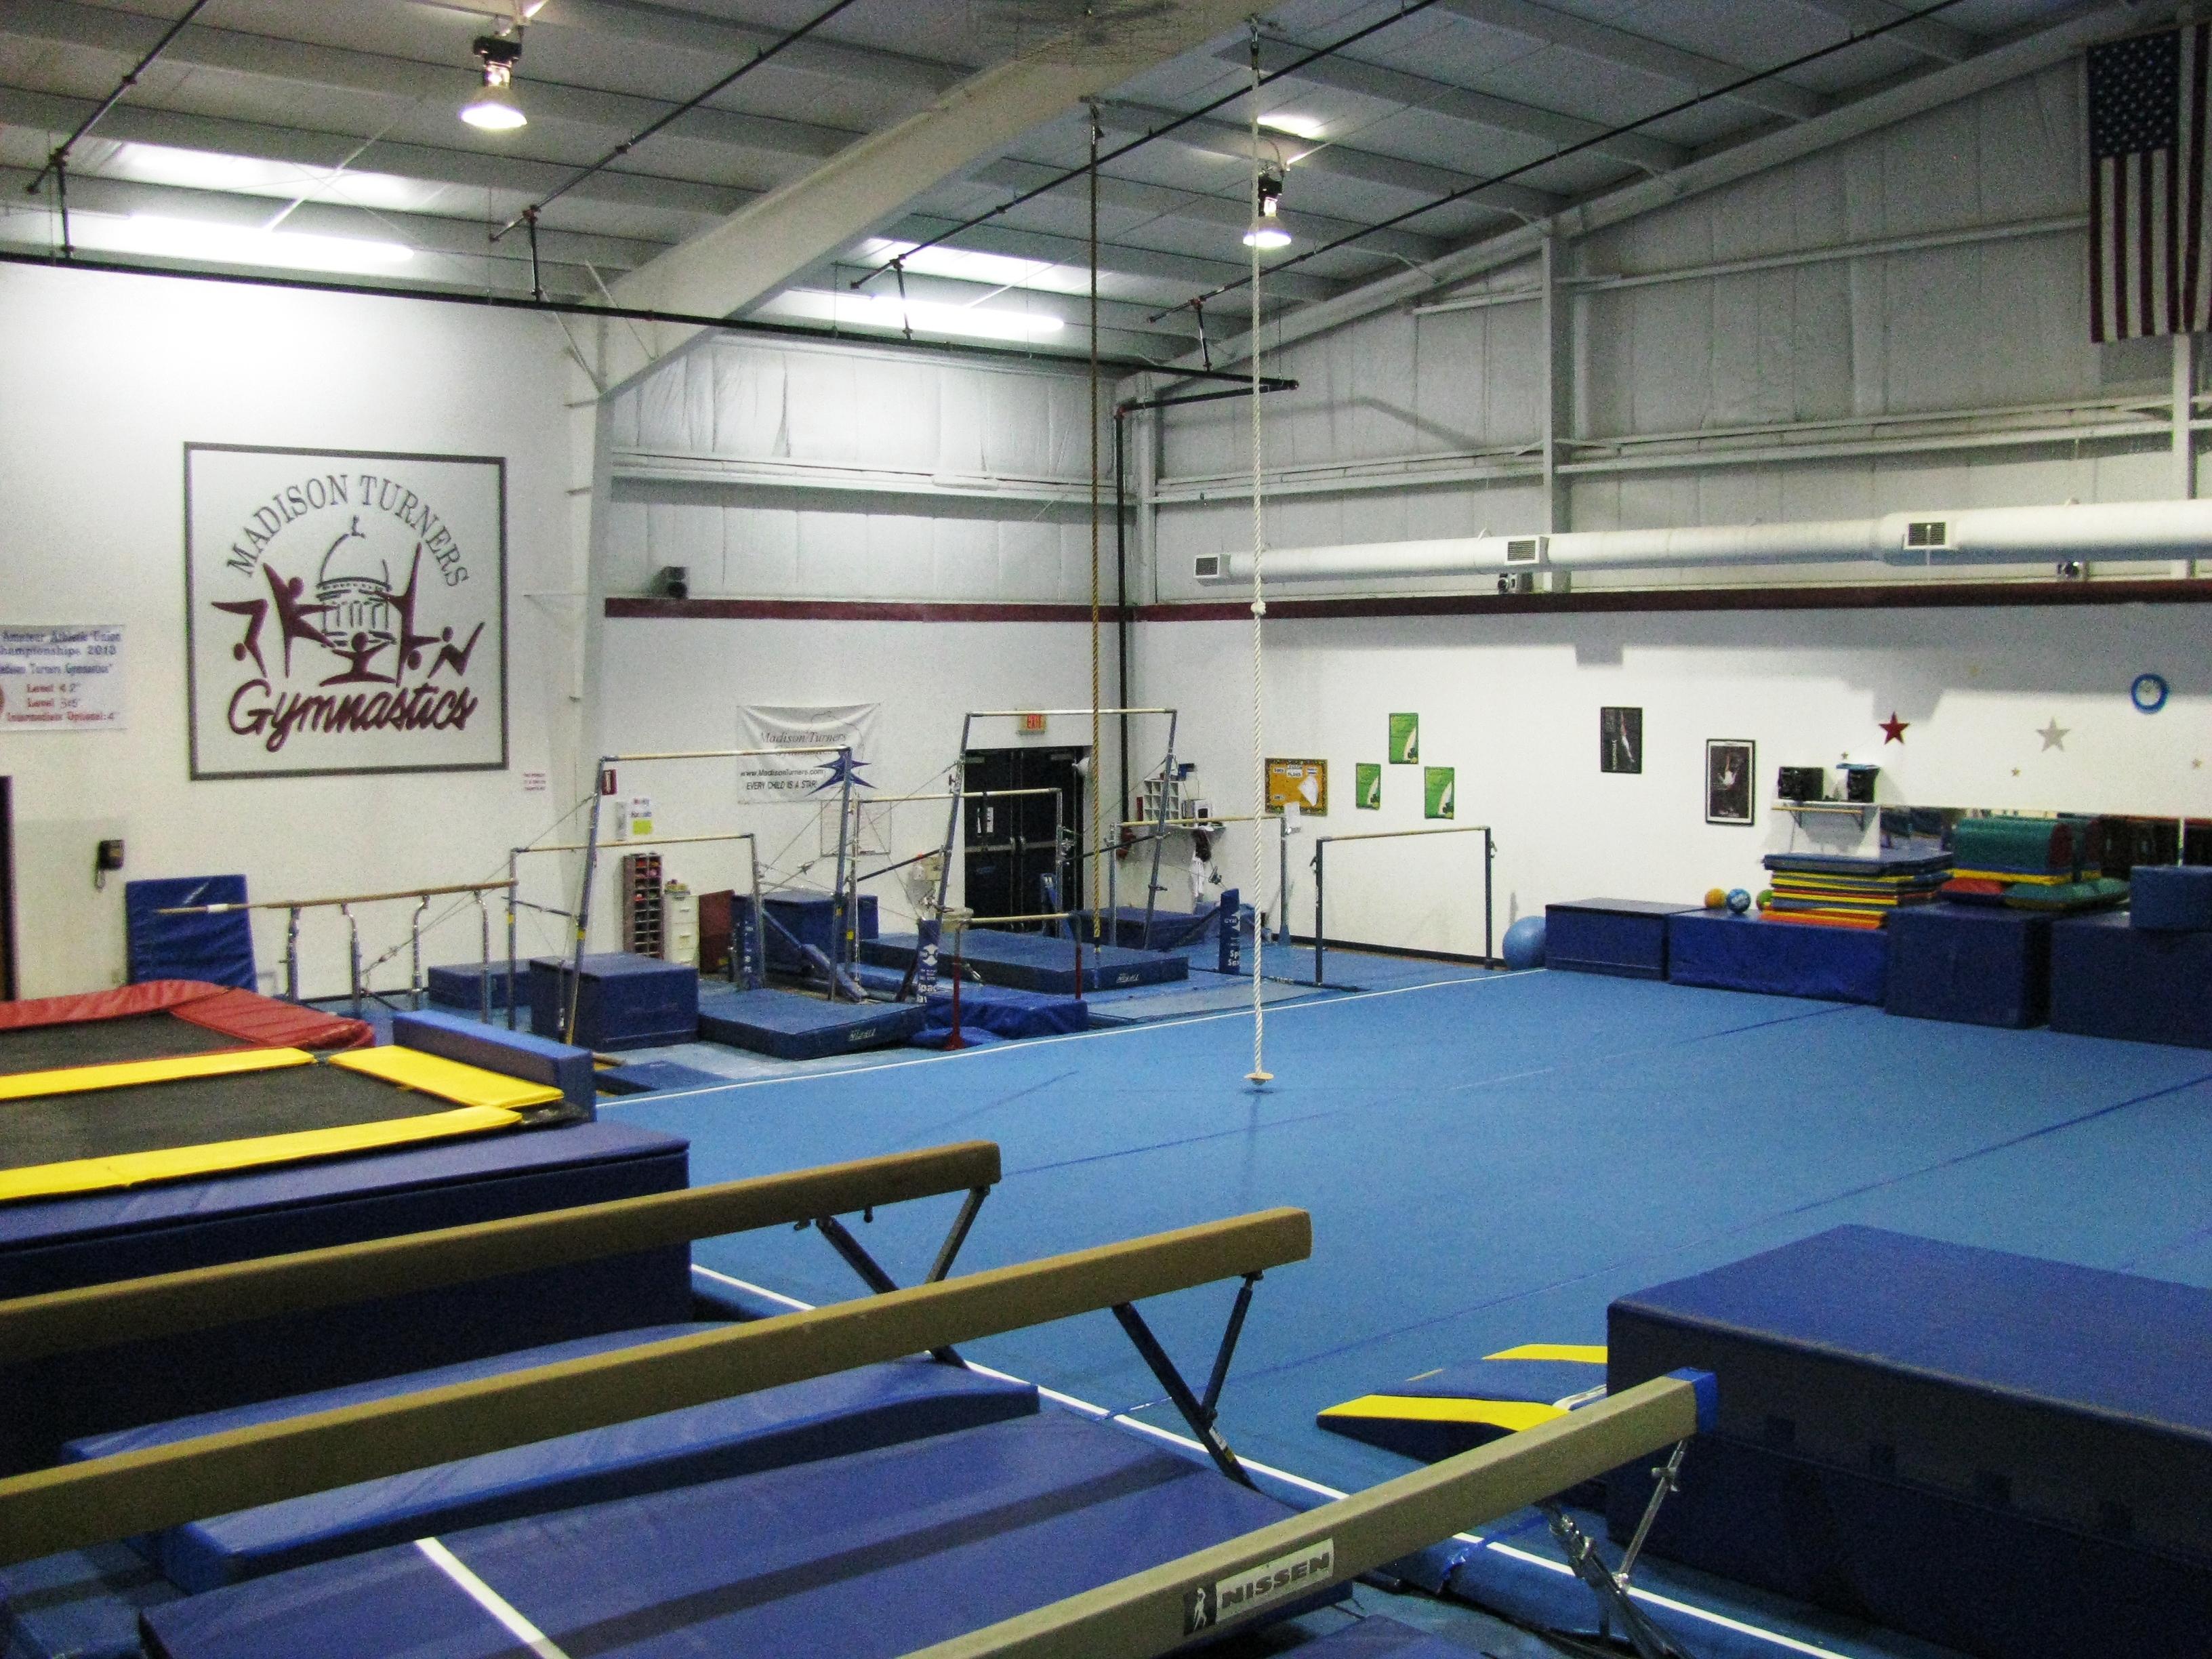 Gymnastics madison turners